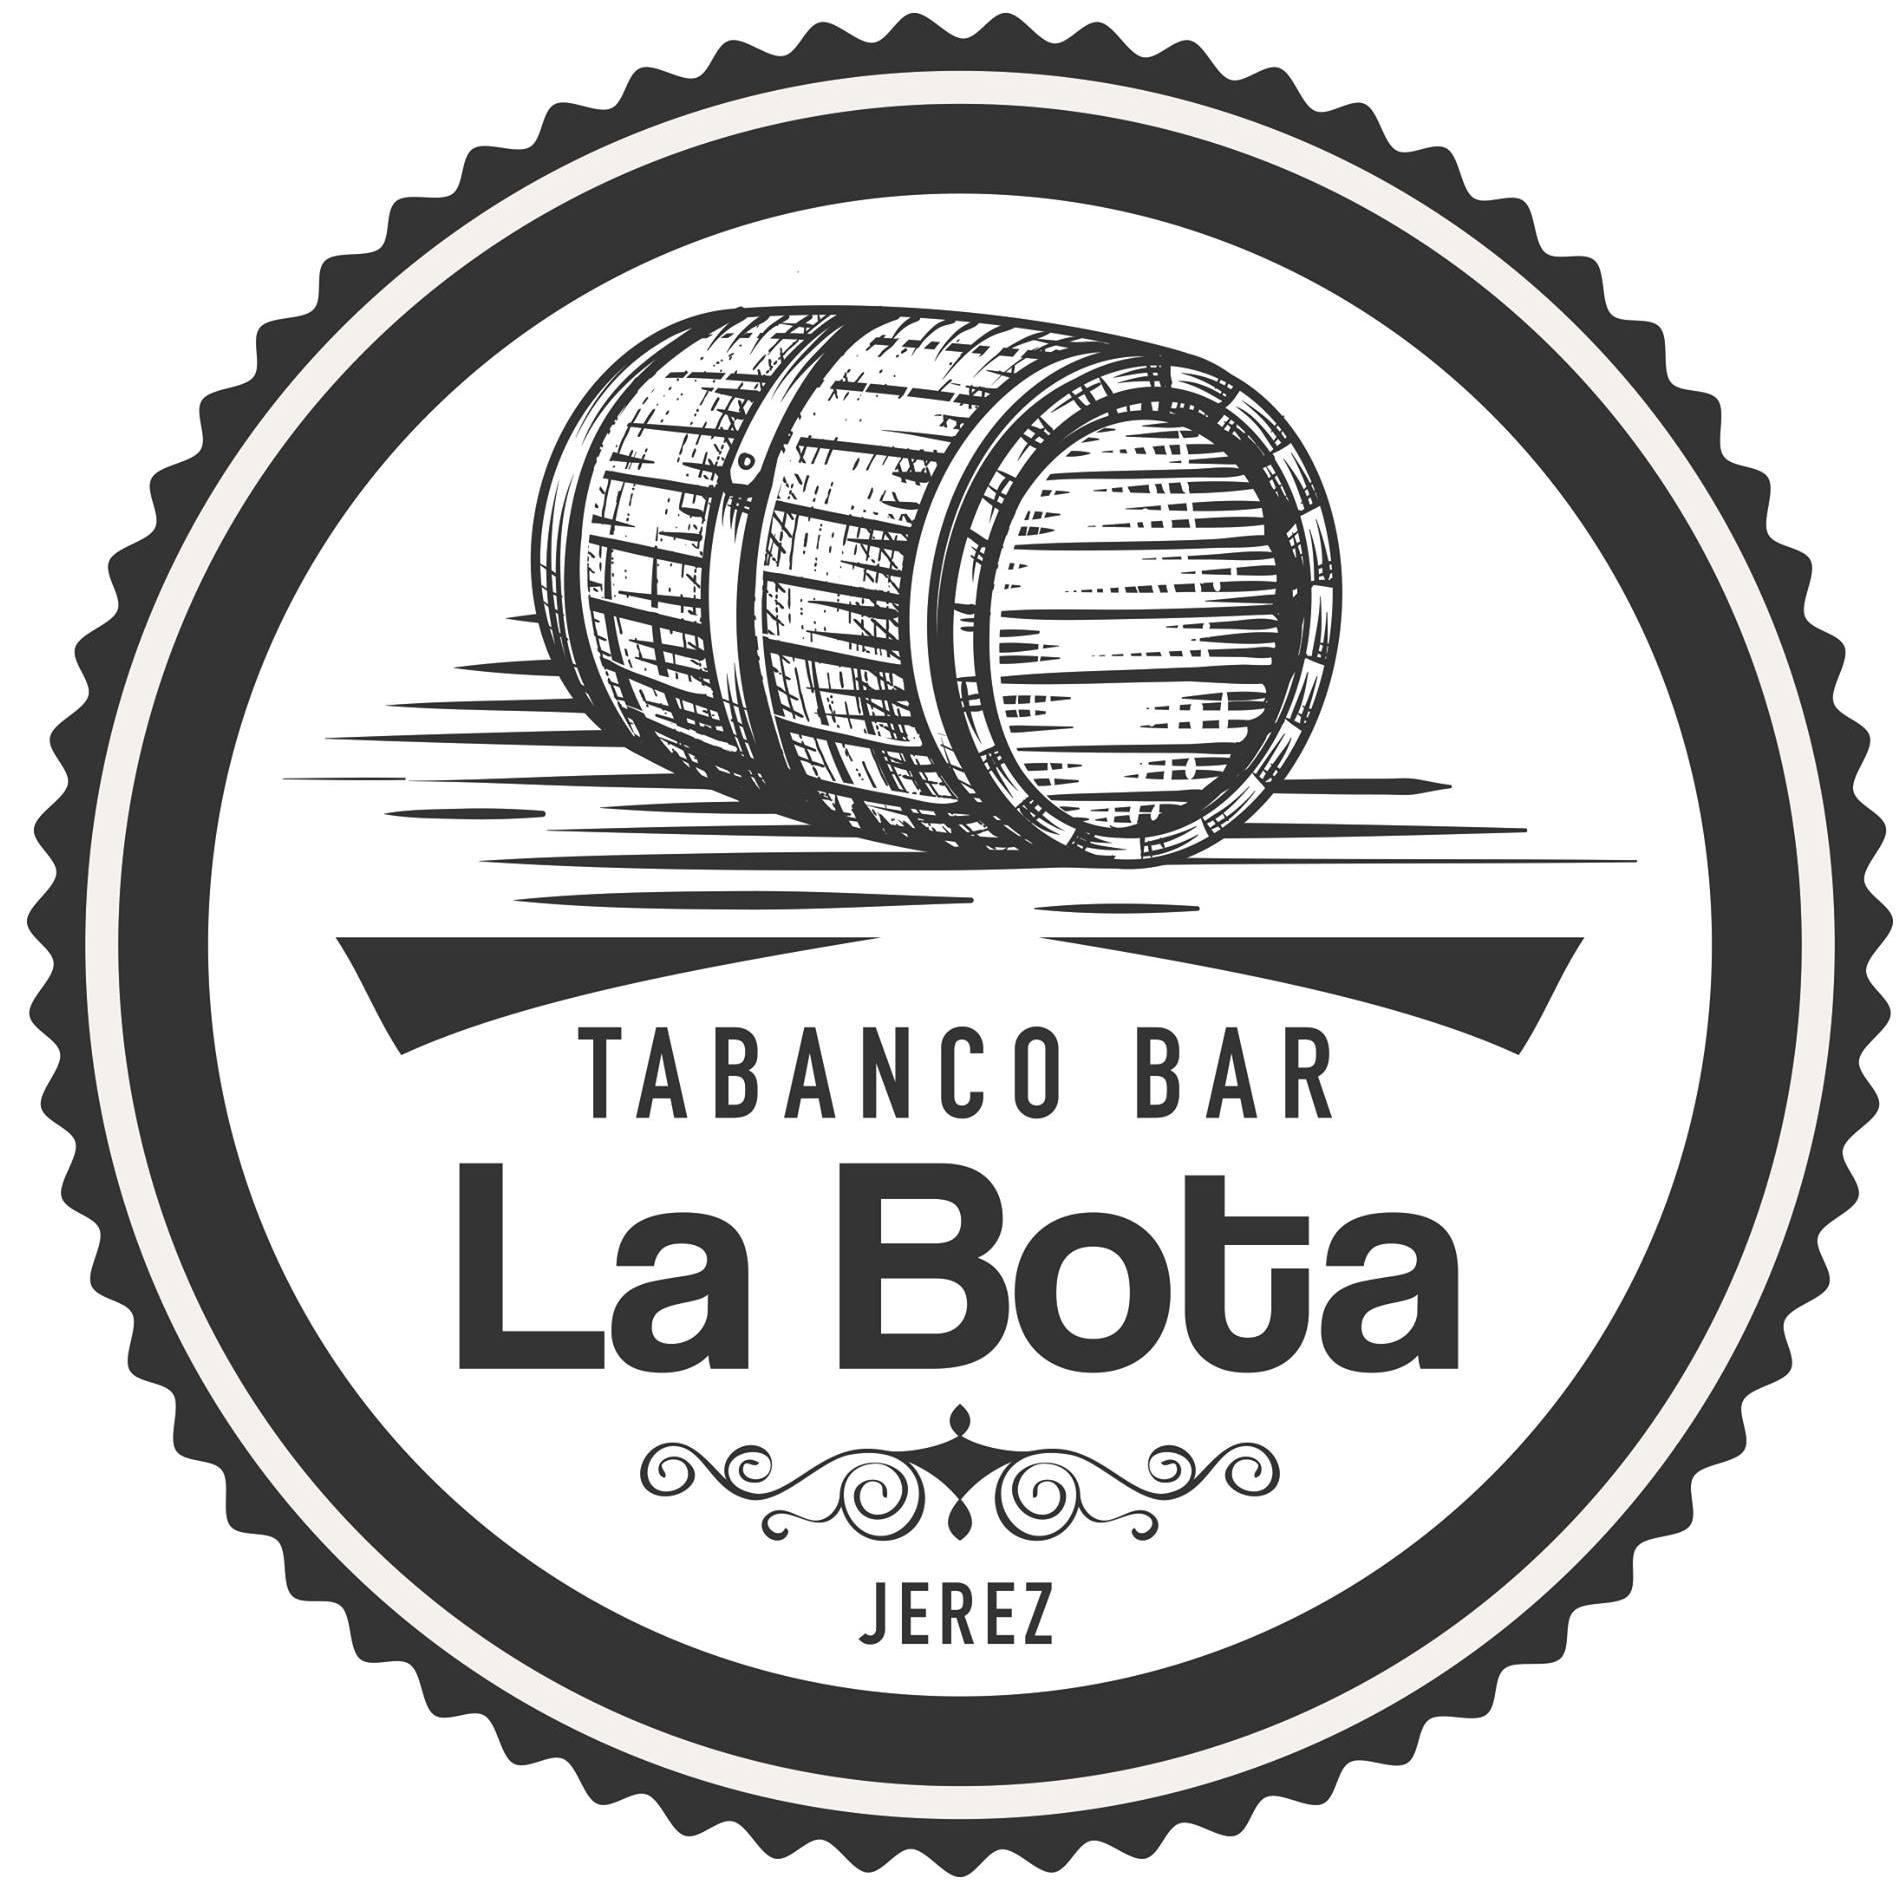 Bar La Bota